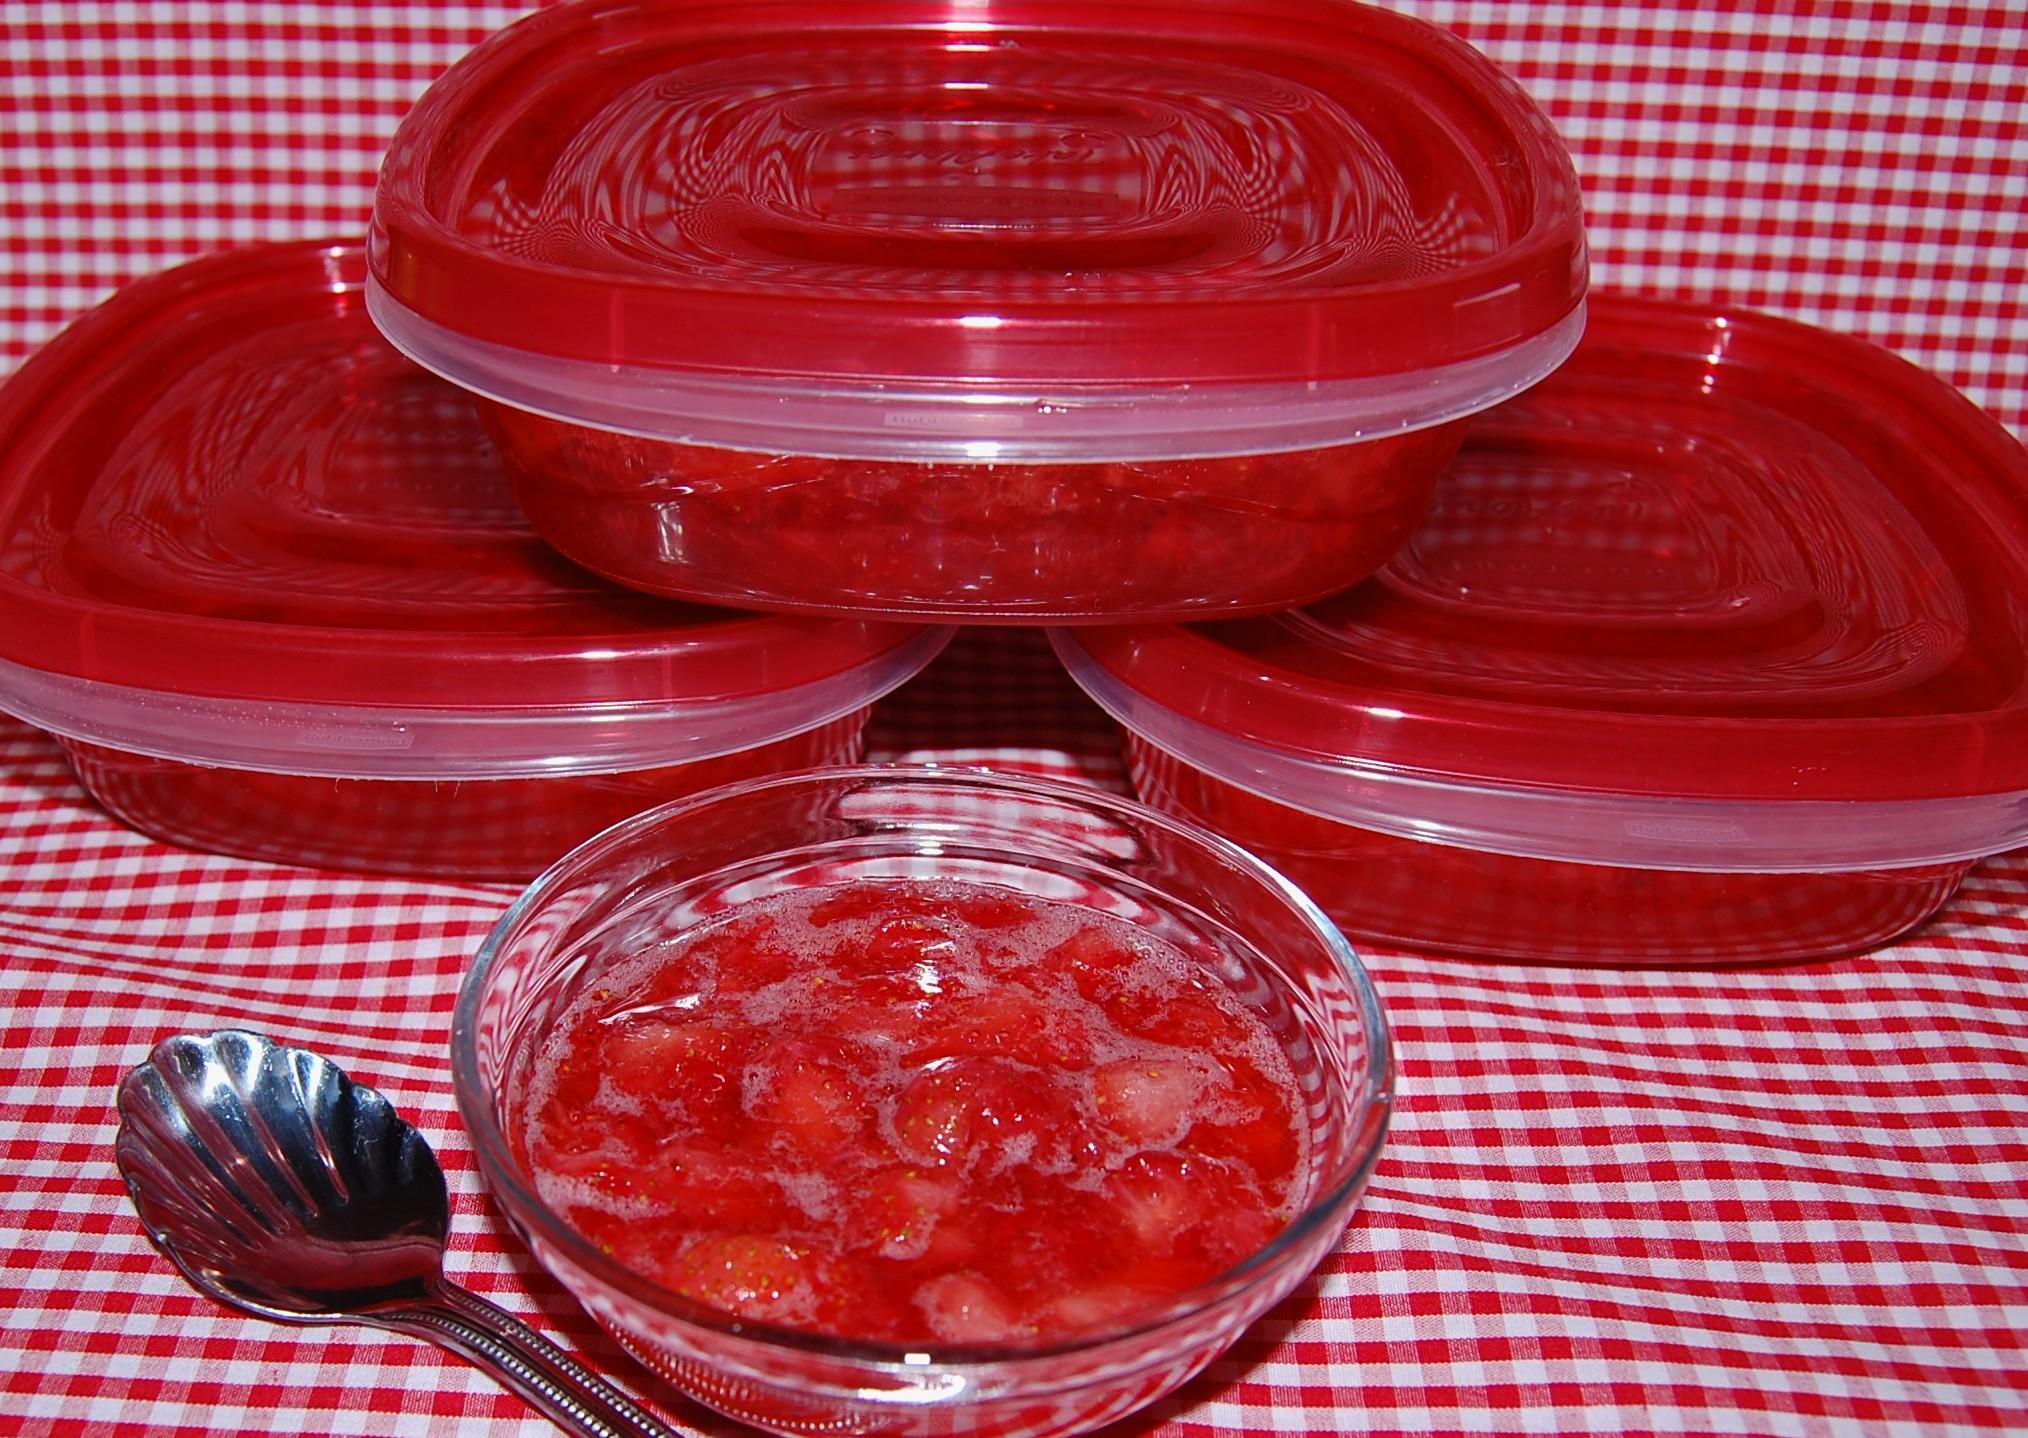 Sally's Strawberry Freezer Jam